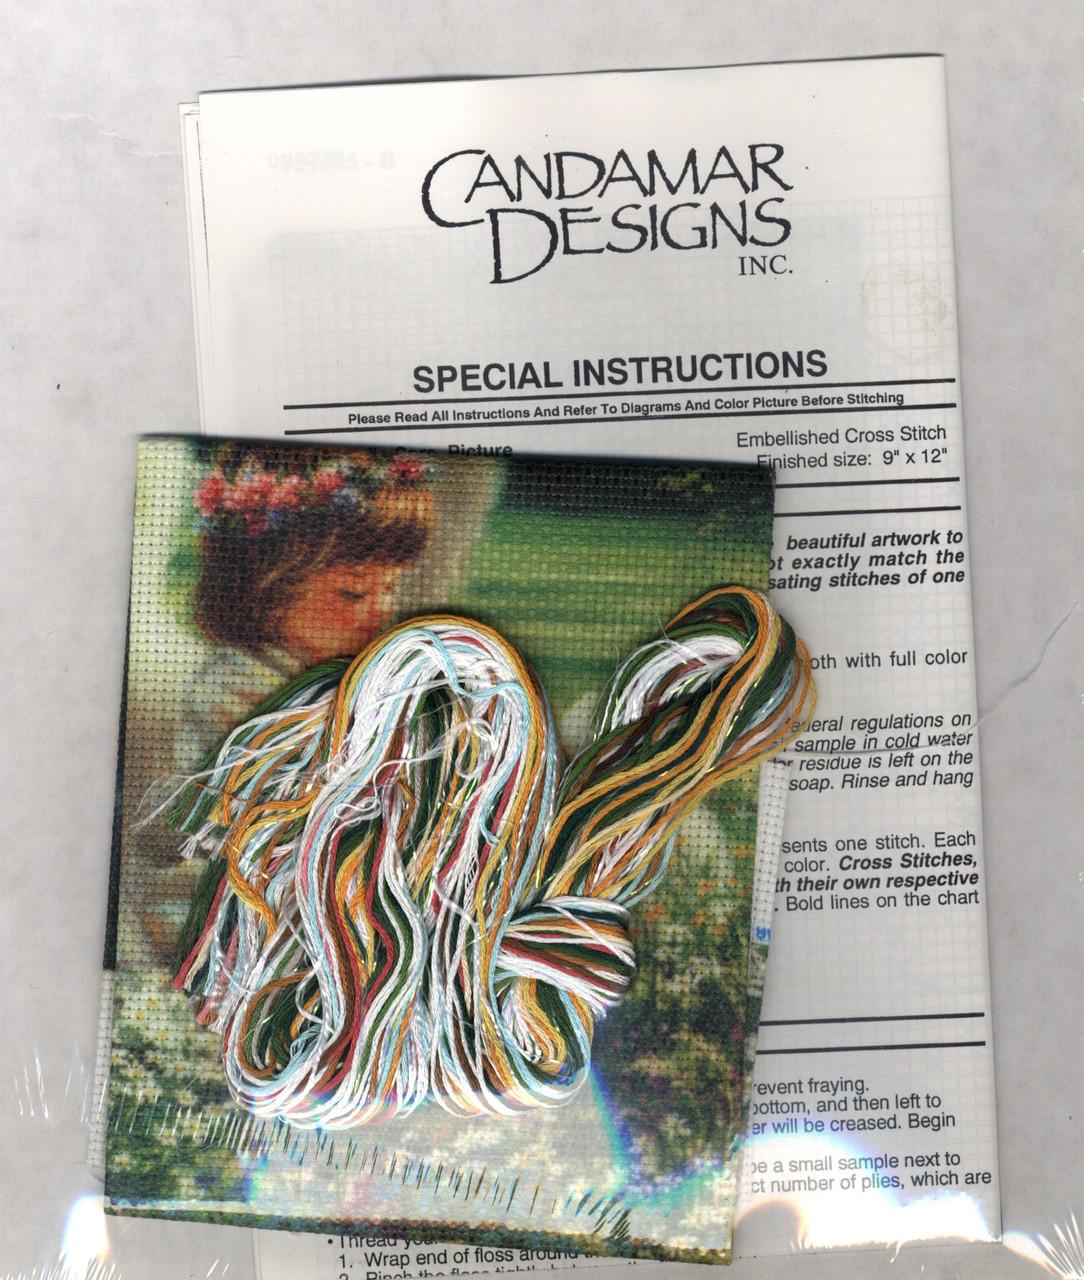 Candamar - An Angel's Care